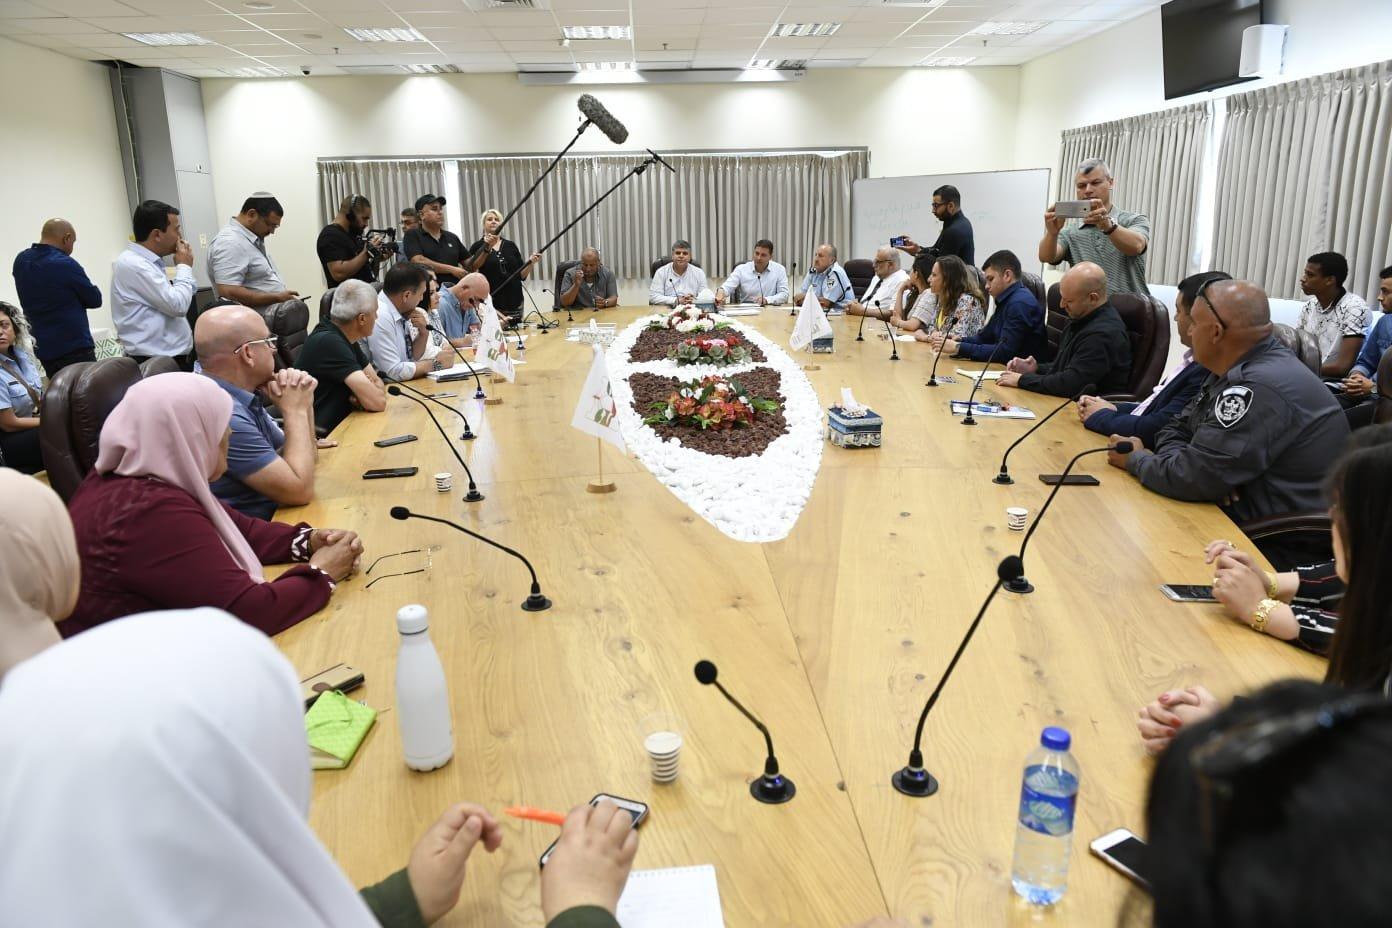 لأول مرة:إنعقاد مؤتمر لبحث تداعيات العنف والجريمة في المجتمع العربي بمبادرة مركز السلطات المحلية